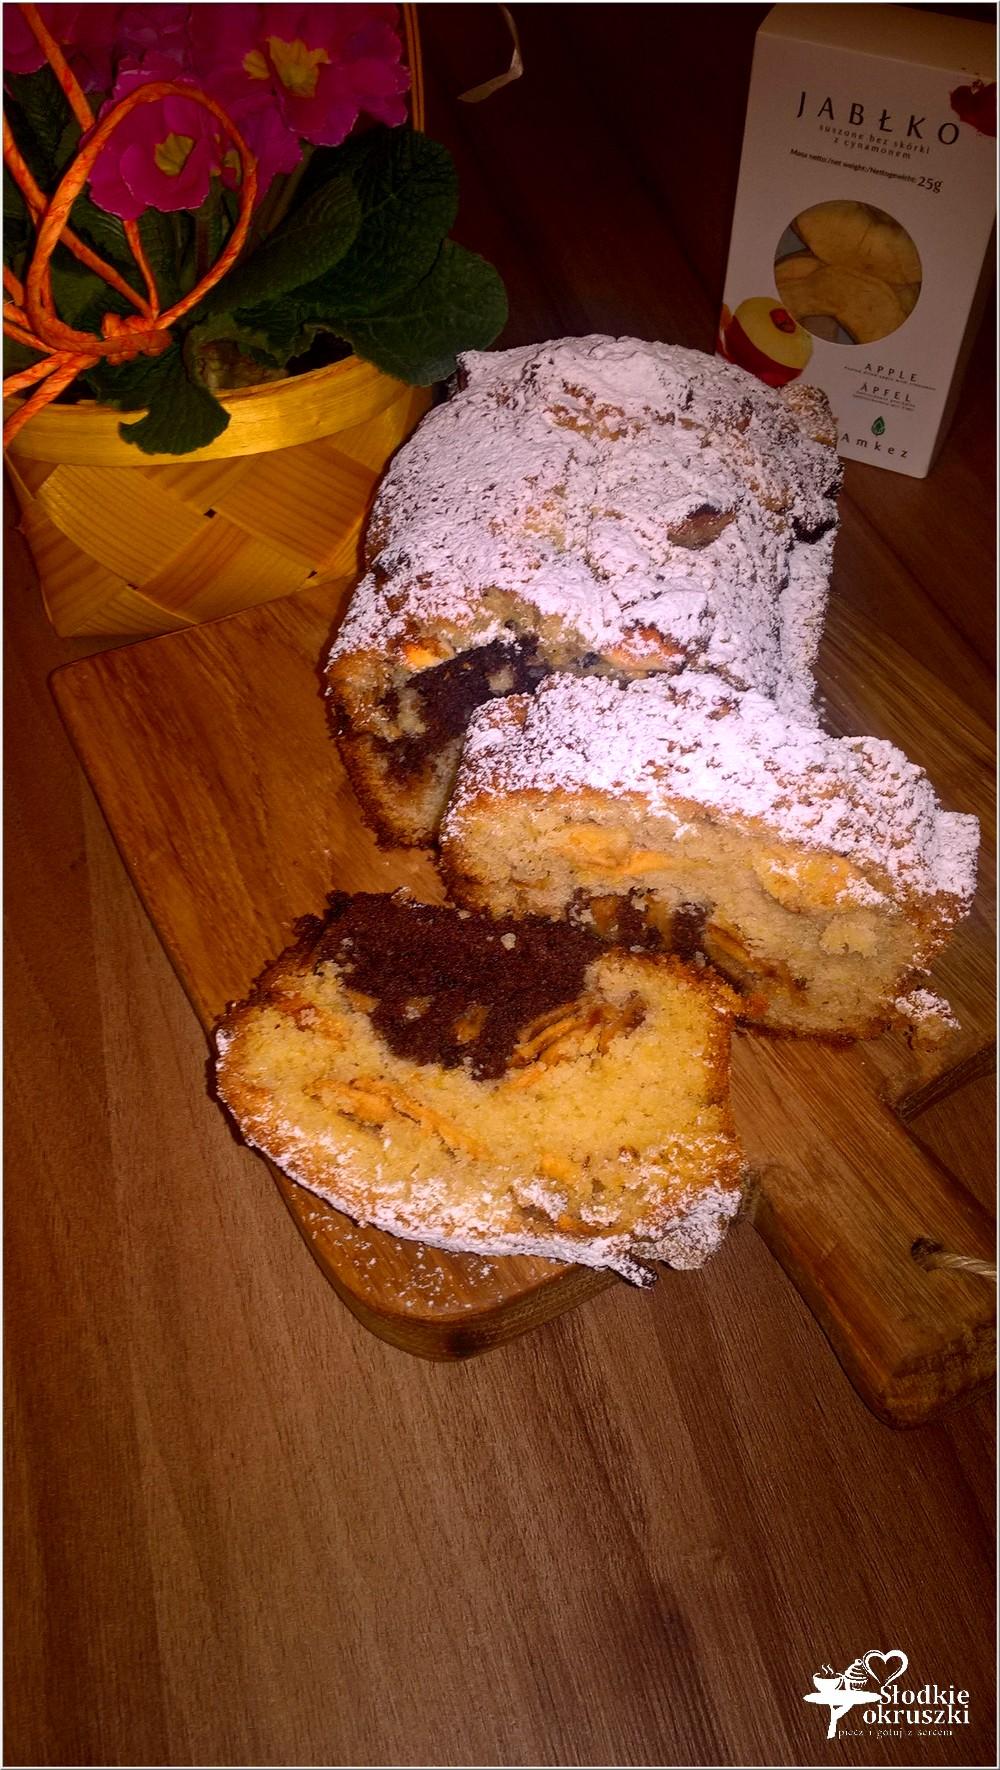 Waniliowo-kakaowe ciasto z cynamonowym jabłuszkiem (2)